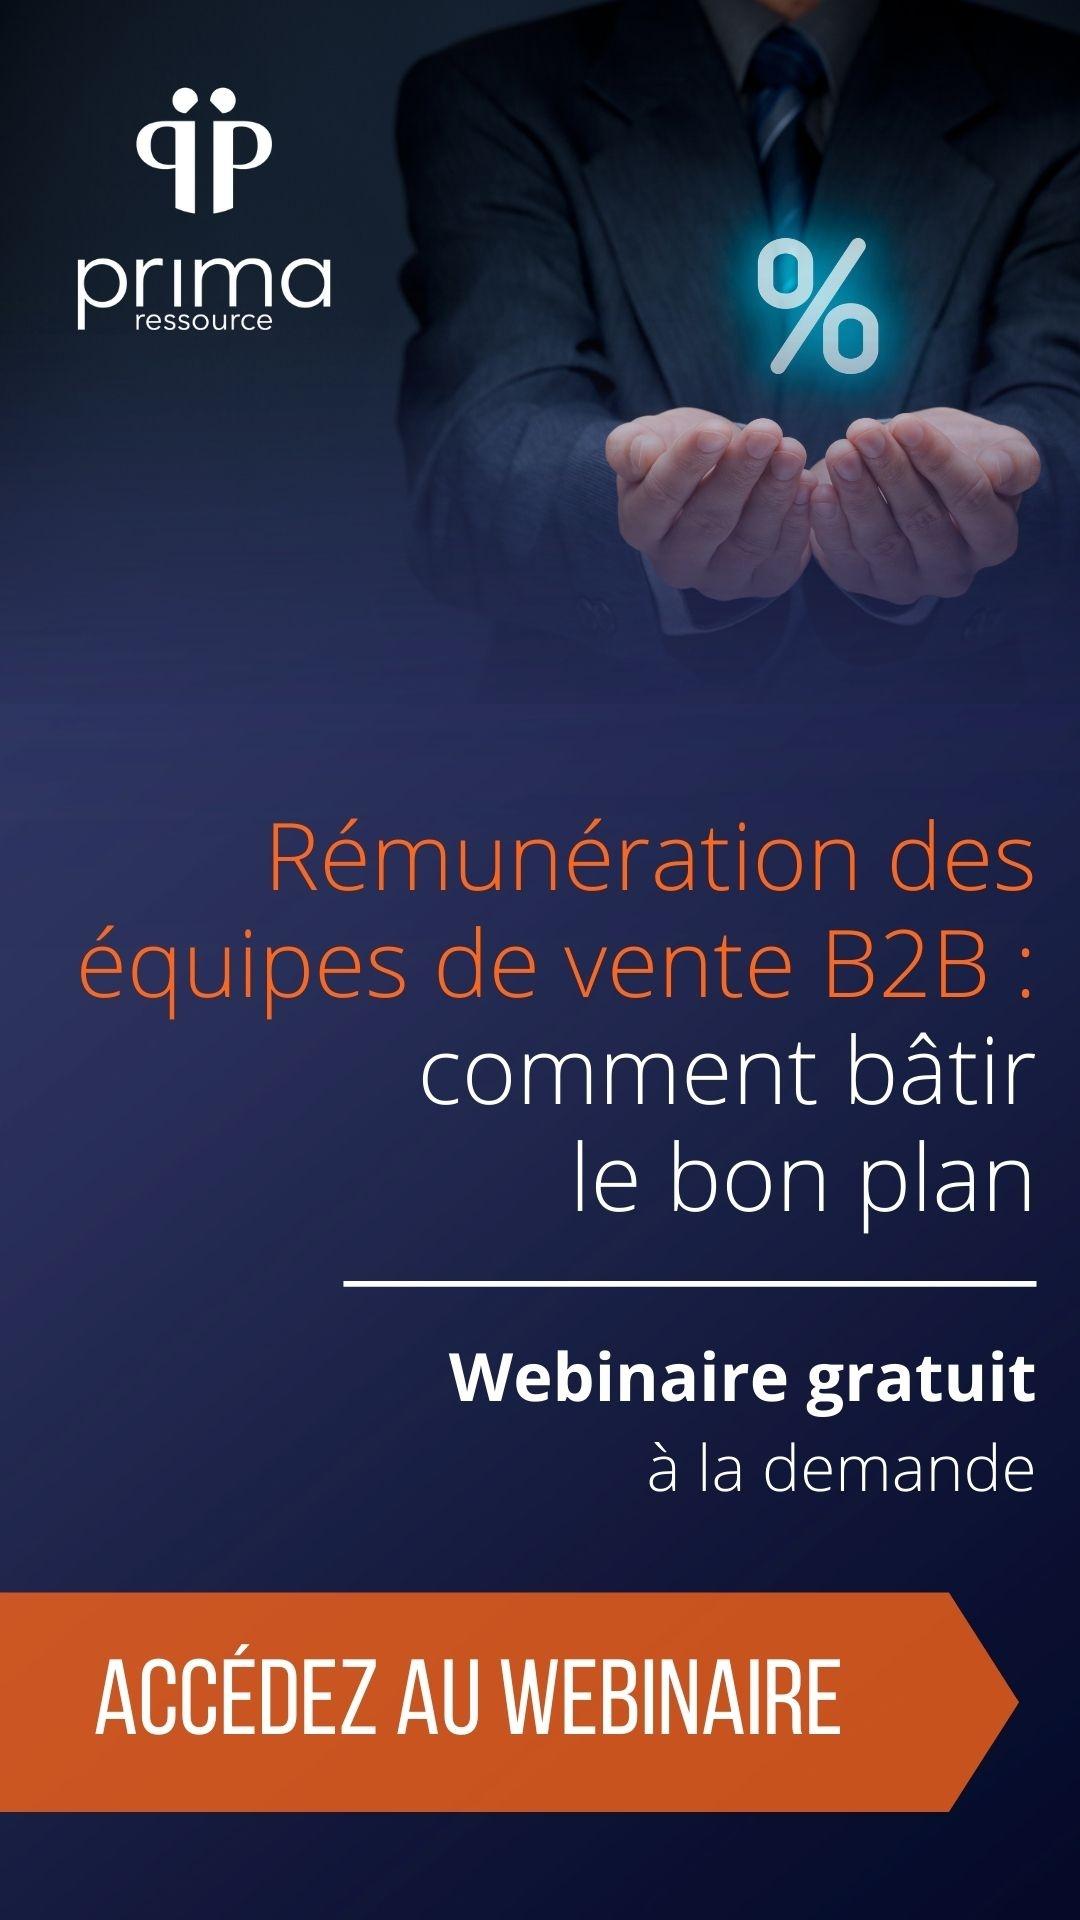 Rémunération des équipes de vente B2B : comment bâtir le bon plan